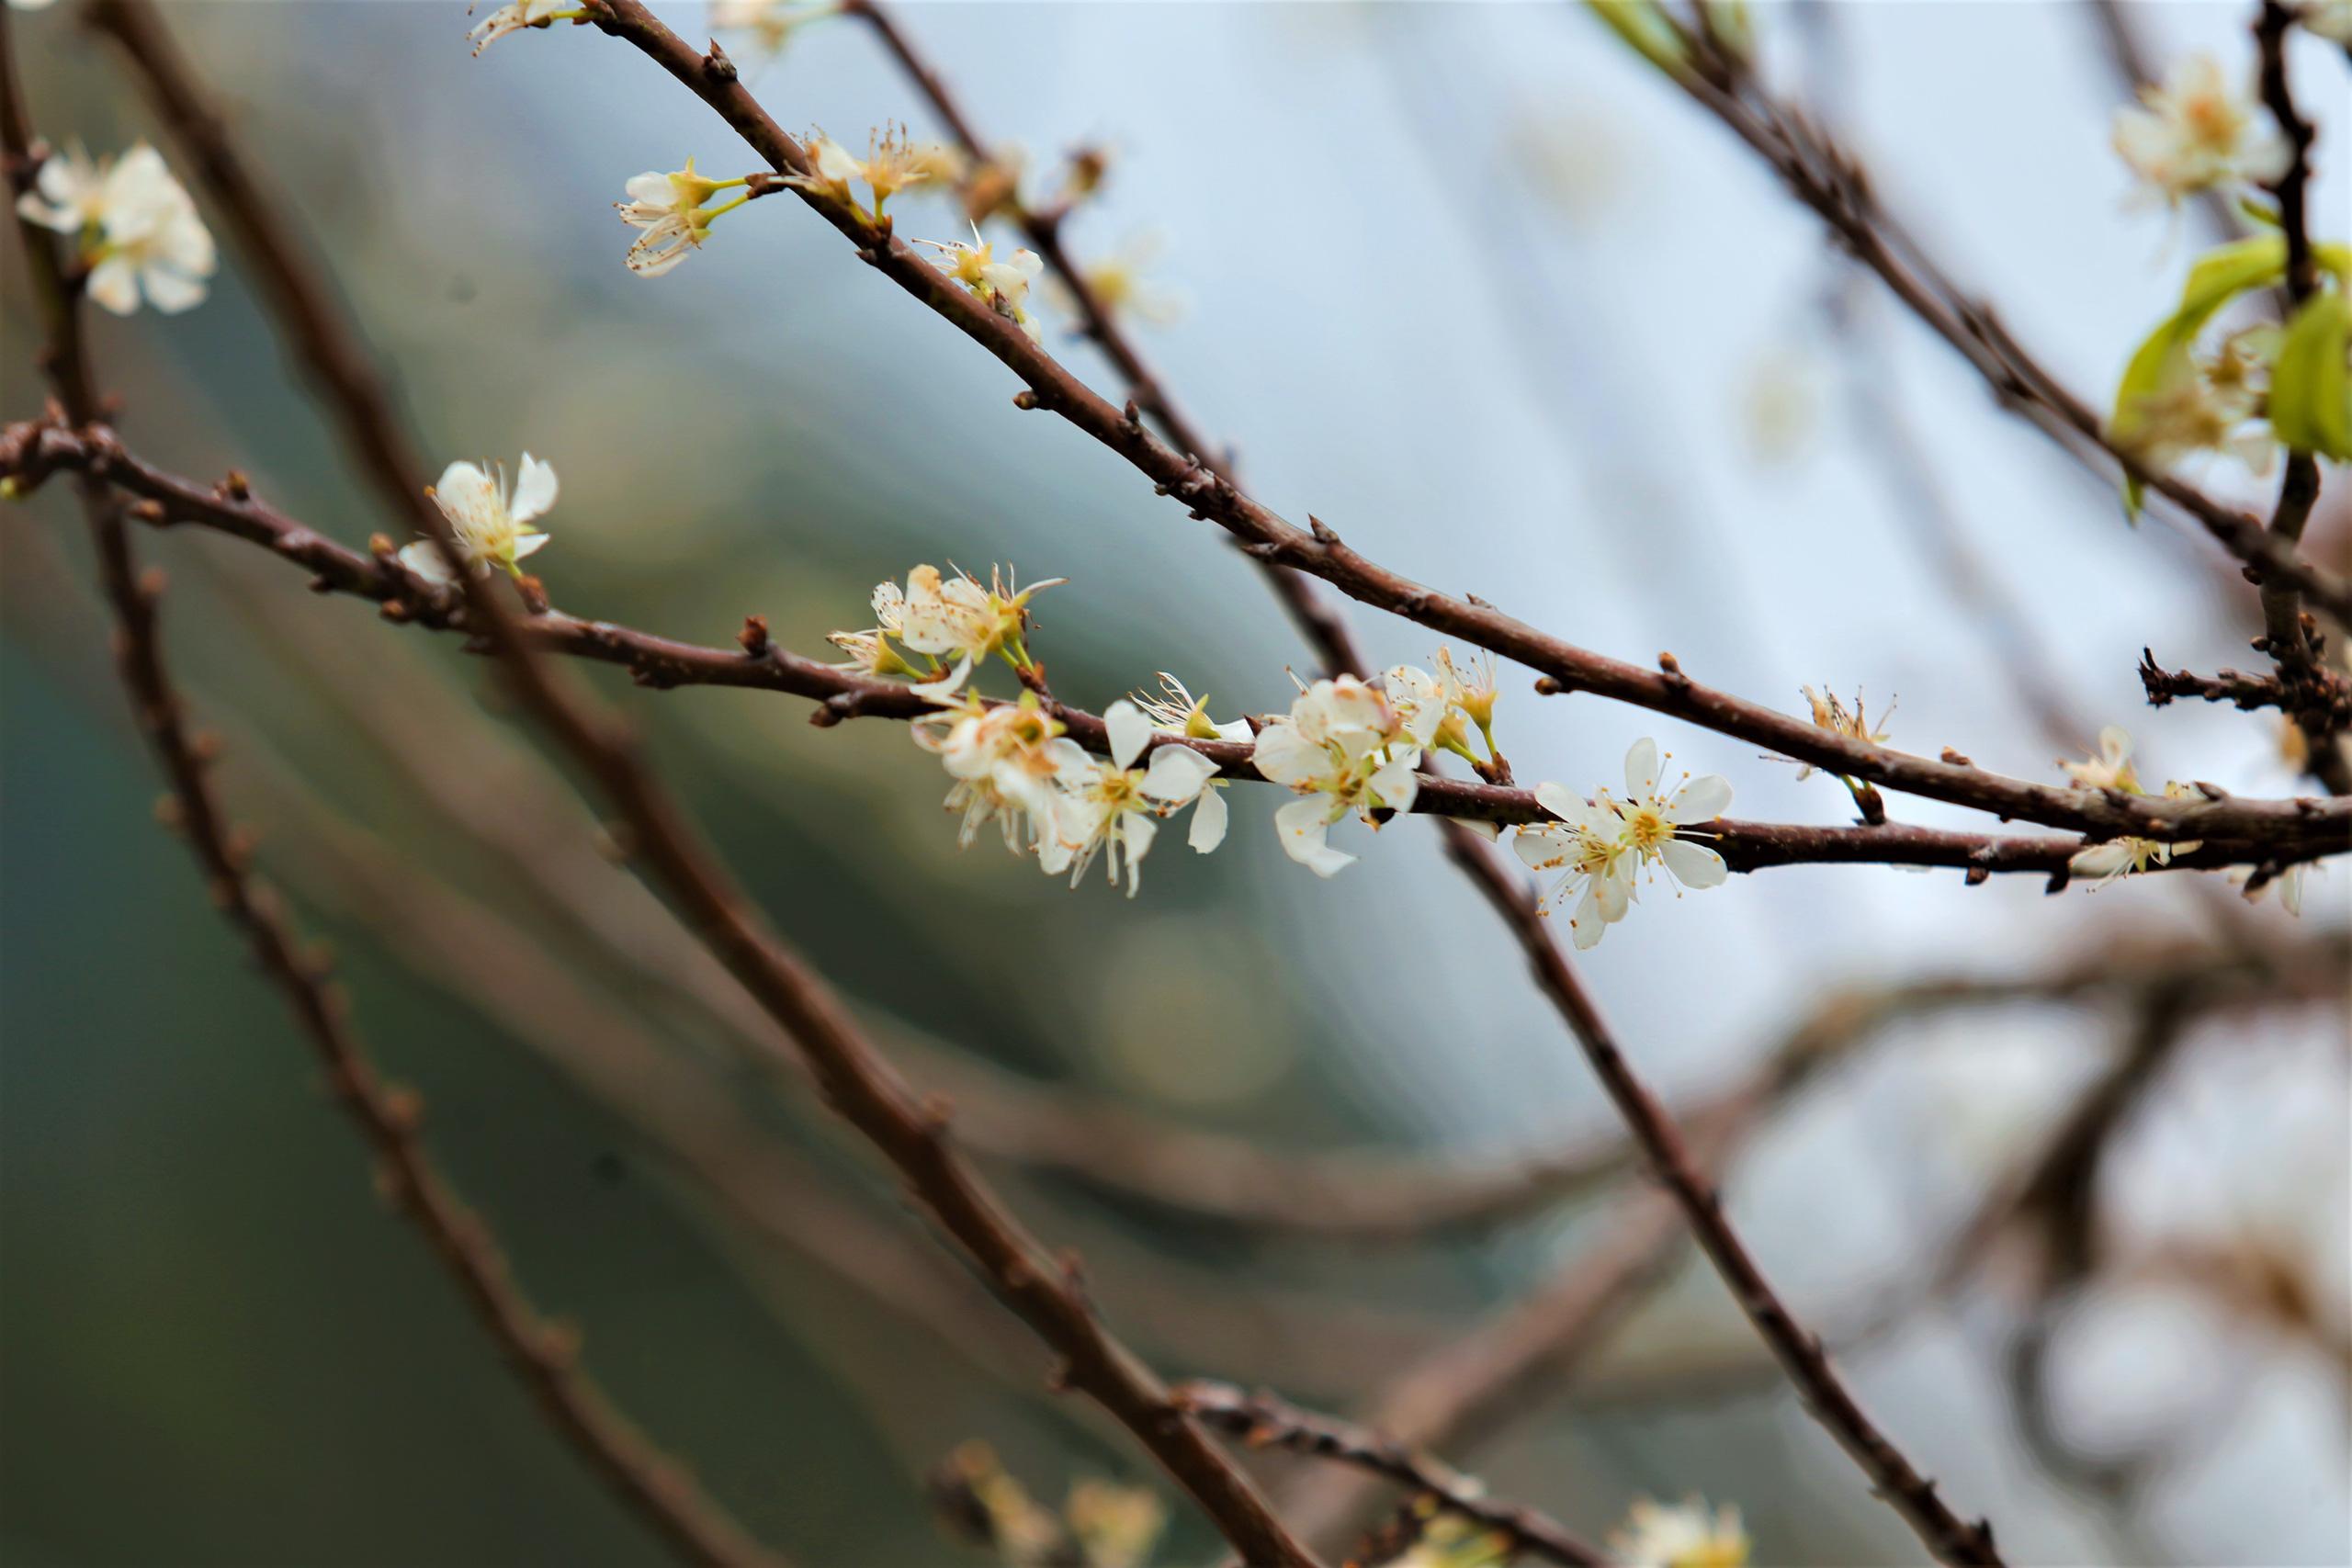 Nghệ An: Hoa đào, hoa mận nở bung tuyệt đẹp trong giá rét trước khi Tết về - Ảnh 5.